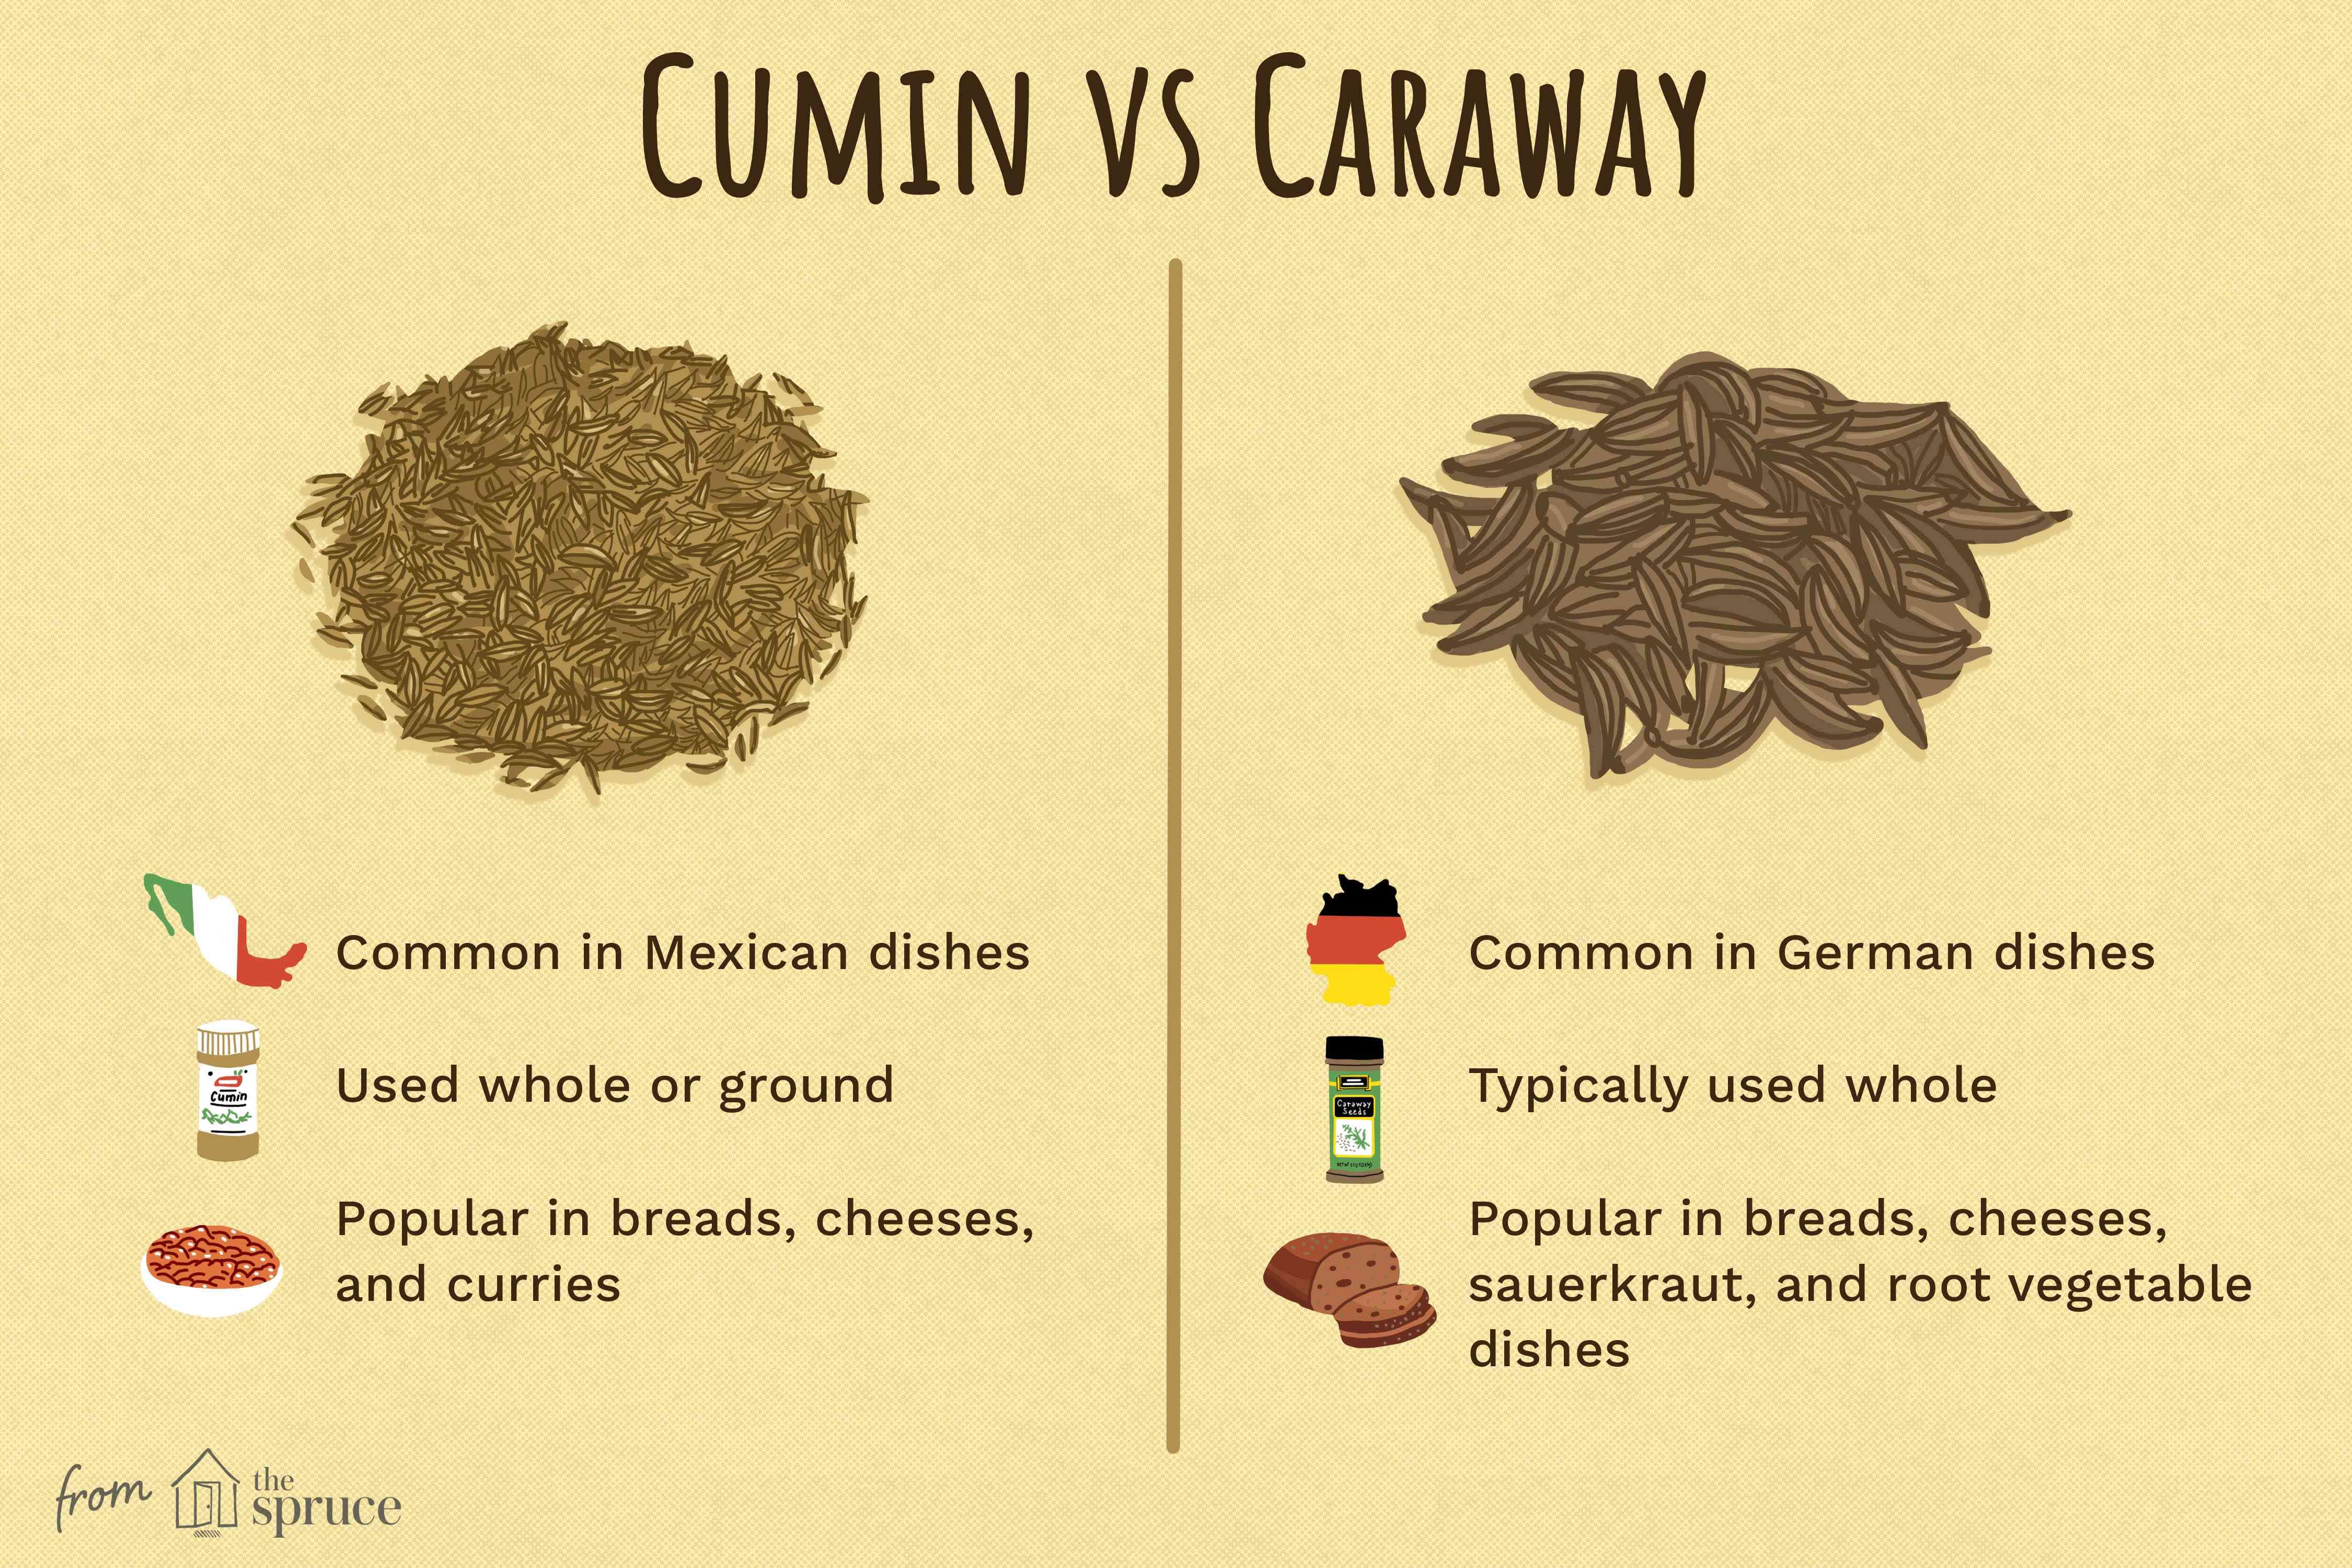 cumin vs caraway